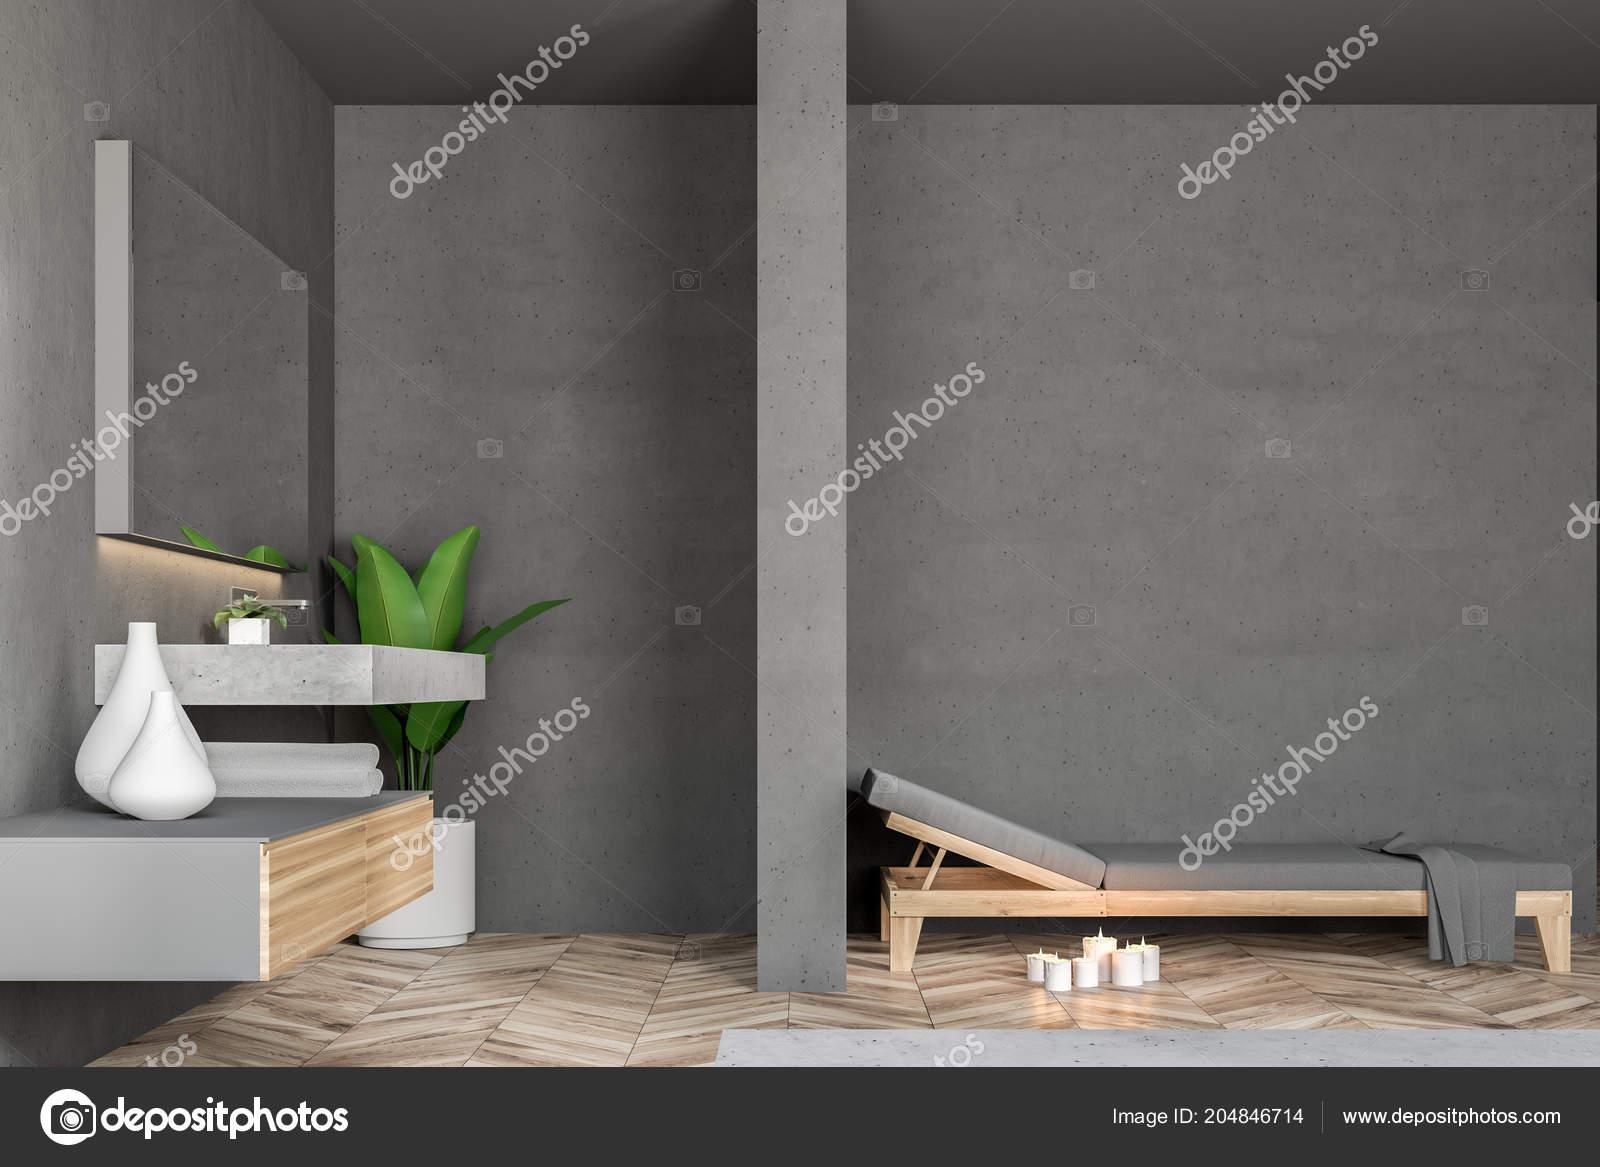 Intérieur Salle Bain Mur Gris Avec Plancher Bois Loft ...